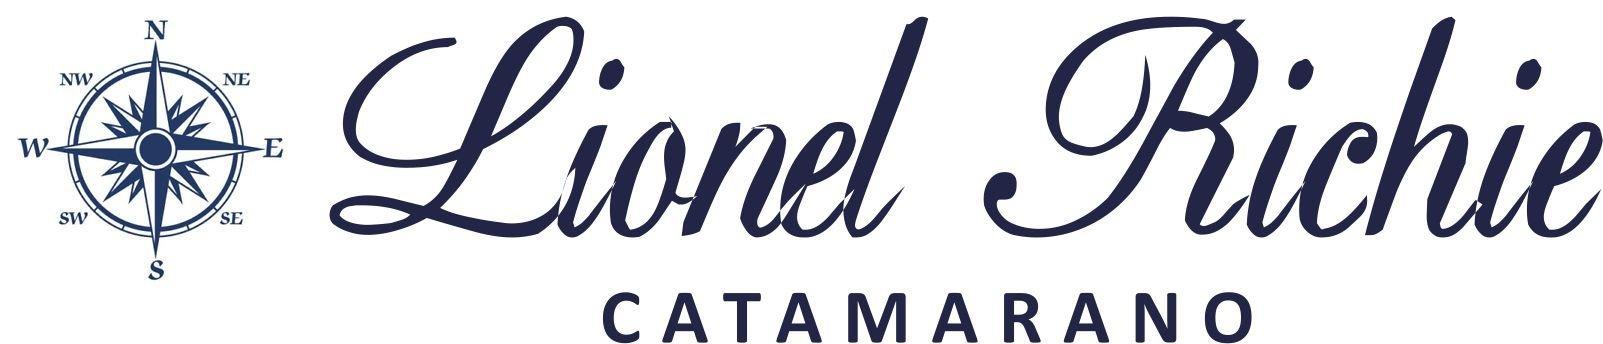 CATAMARANO LIONEL RICHIE - LOGO